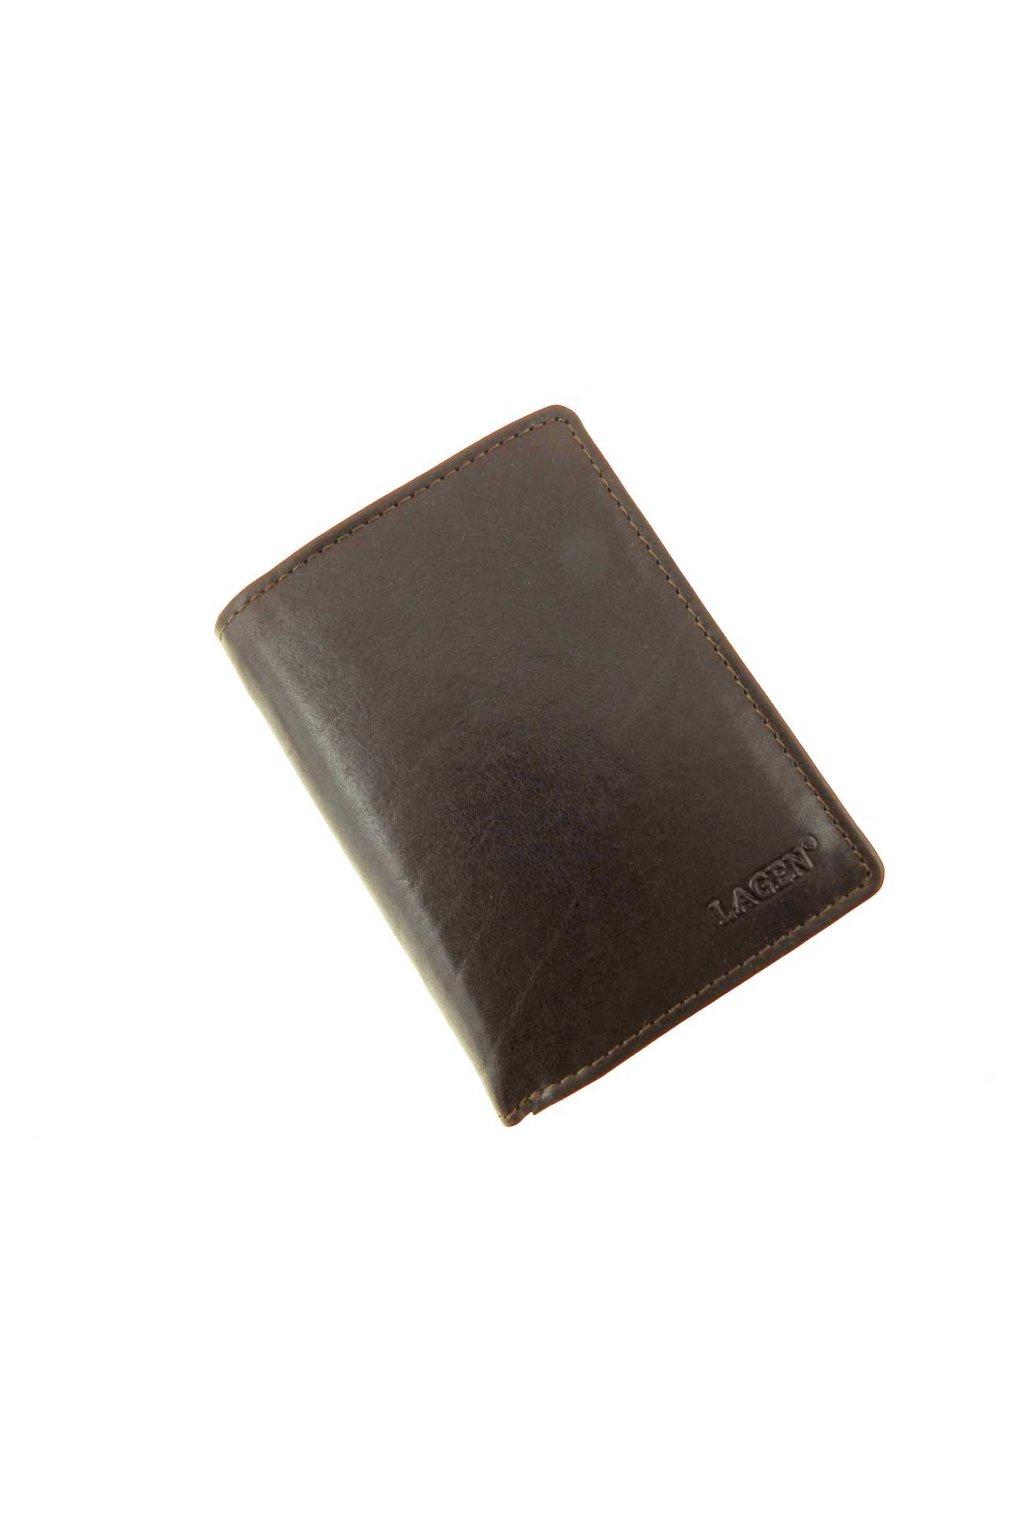 panska kozena penezenka pkp34 2001 t h 3